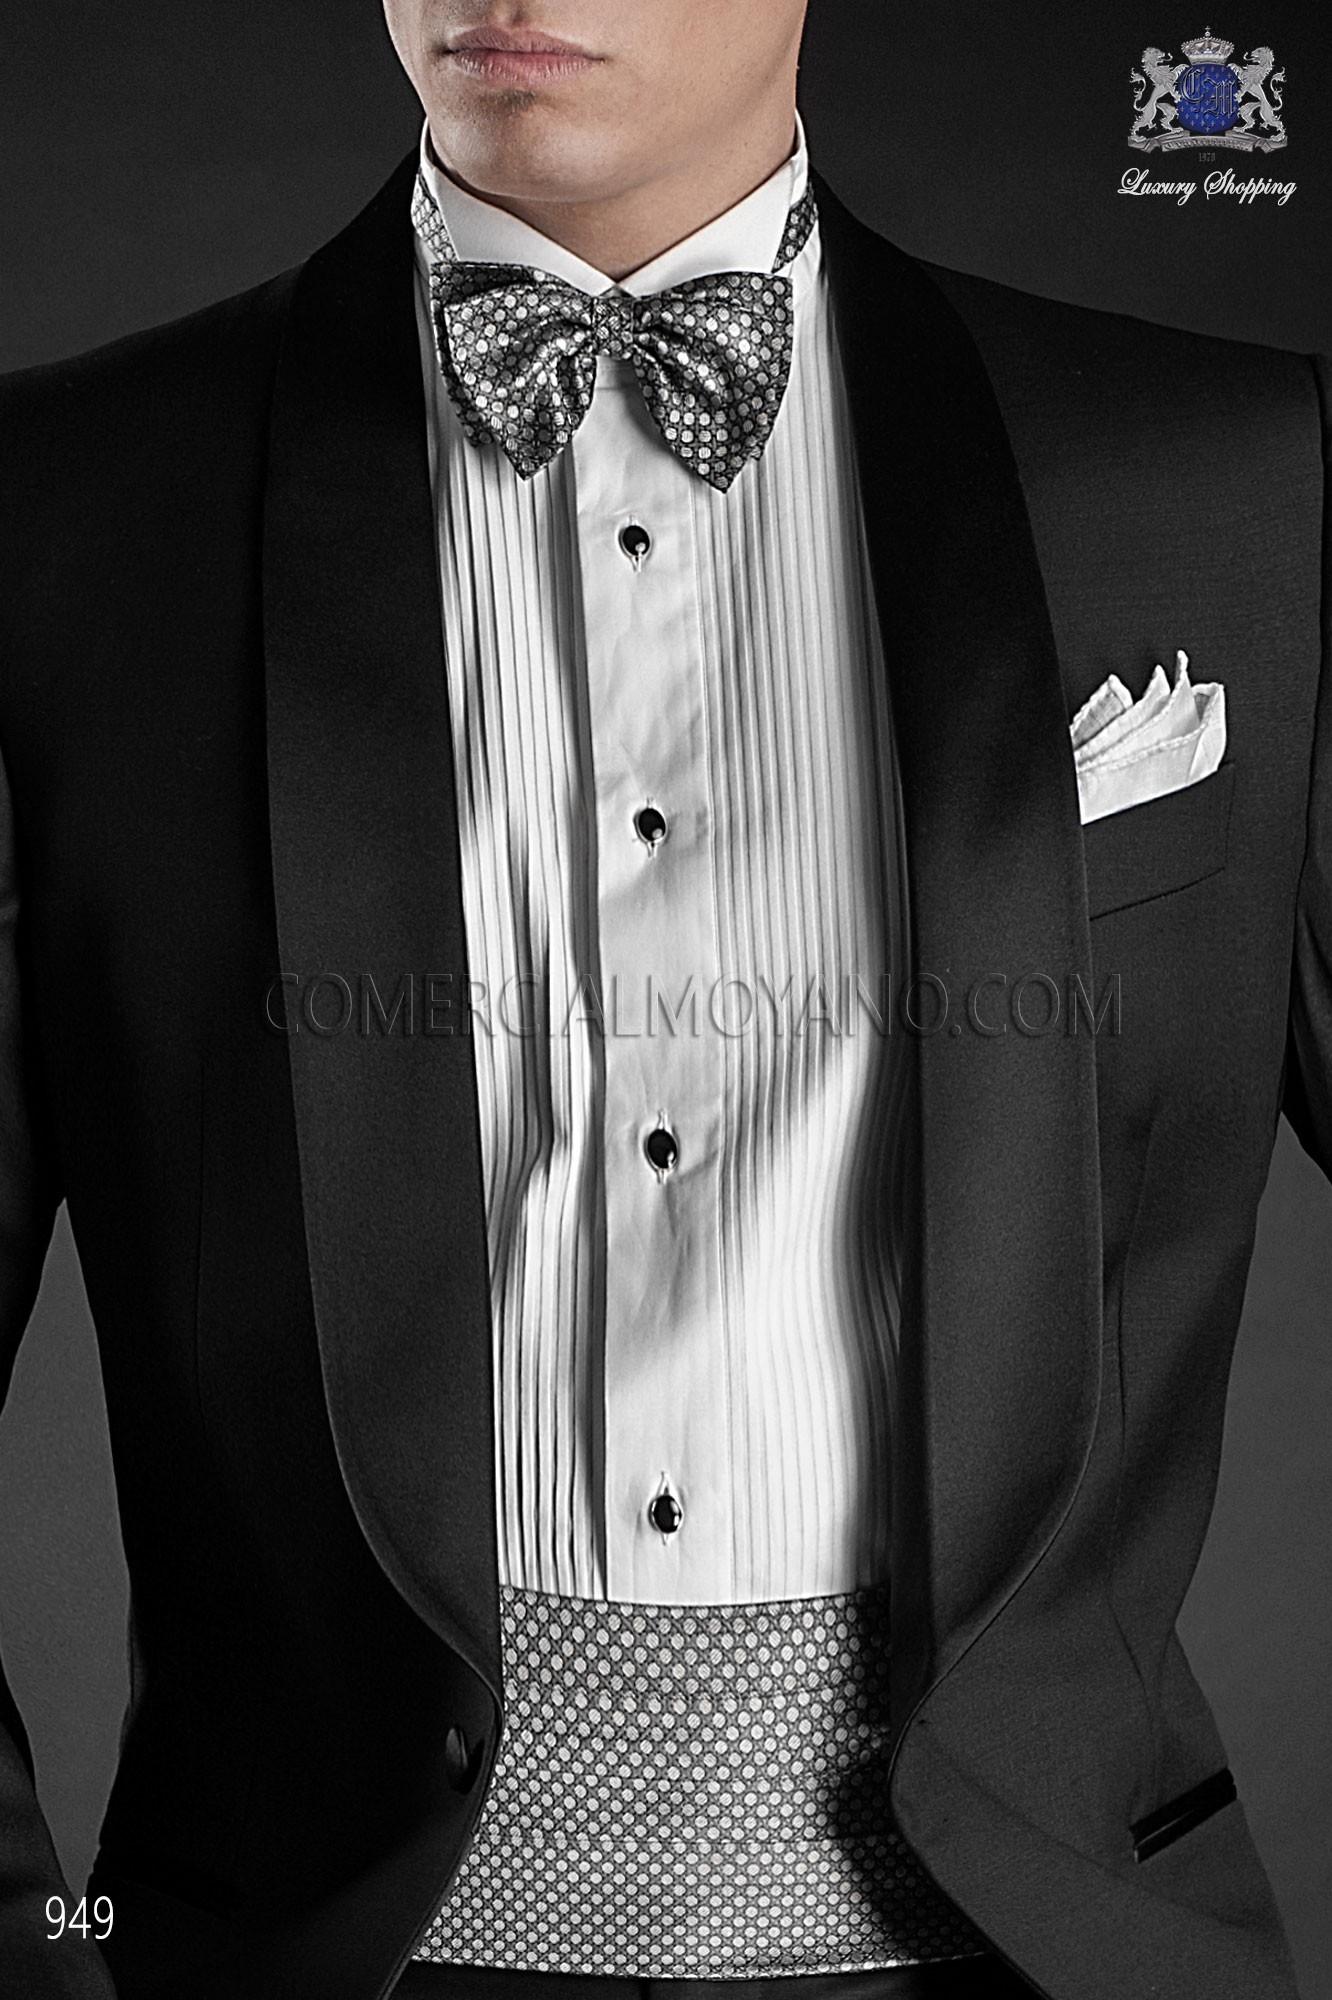 Traje BlackTie de novio negro modelo: 949 Ottavio Nuccio Gala colección Black Tie